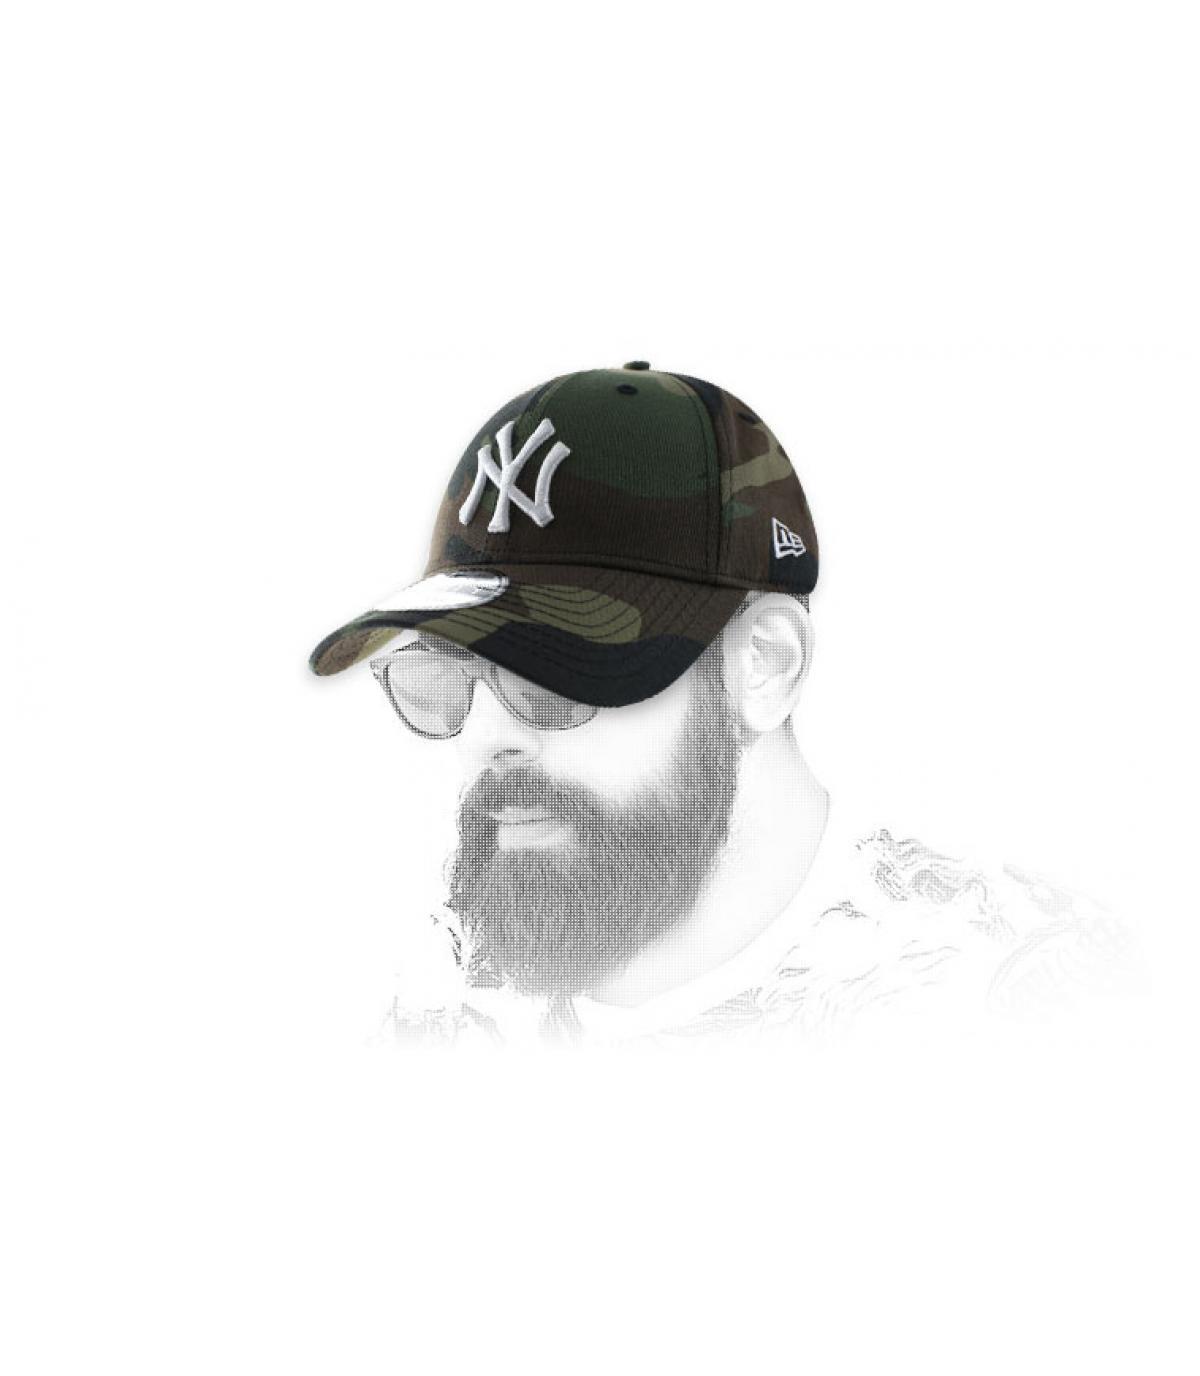 curva CAP camo NY